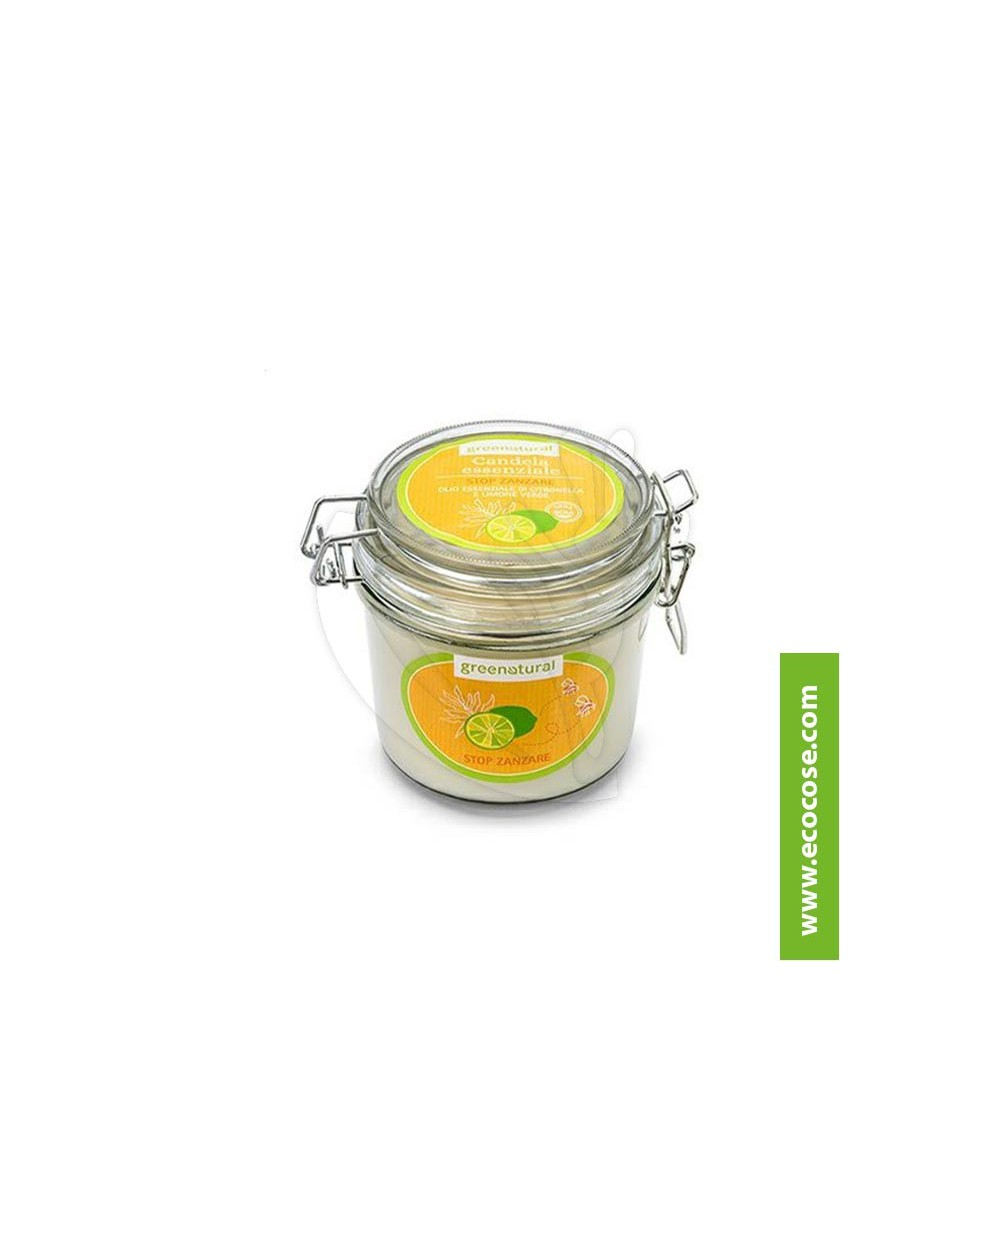 Greenatural - Candela essenziale STOP ZANZARE - Limone Verde e Citronella